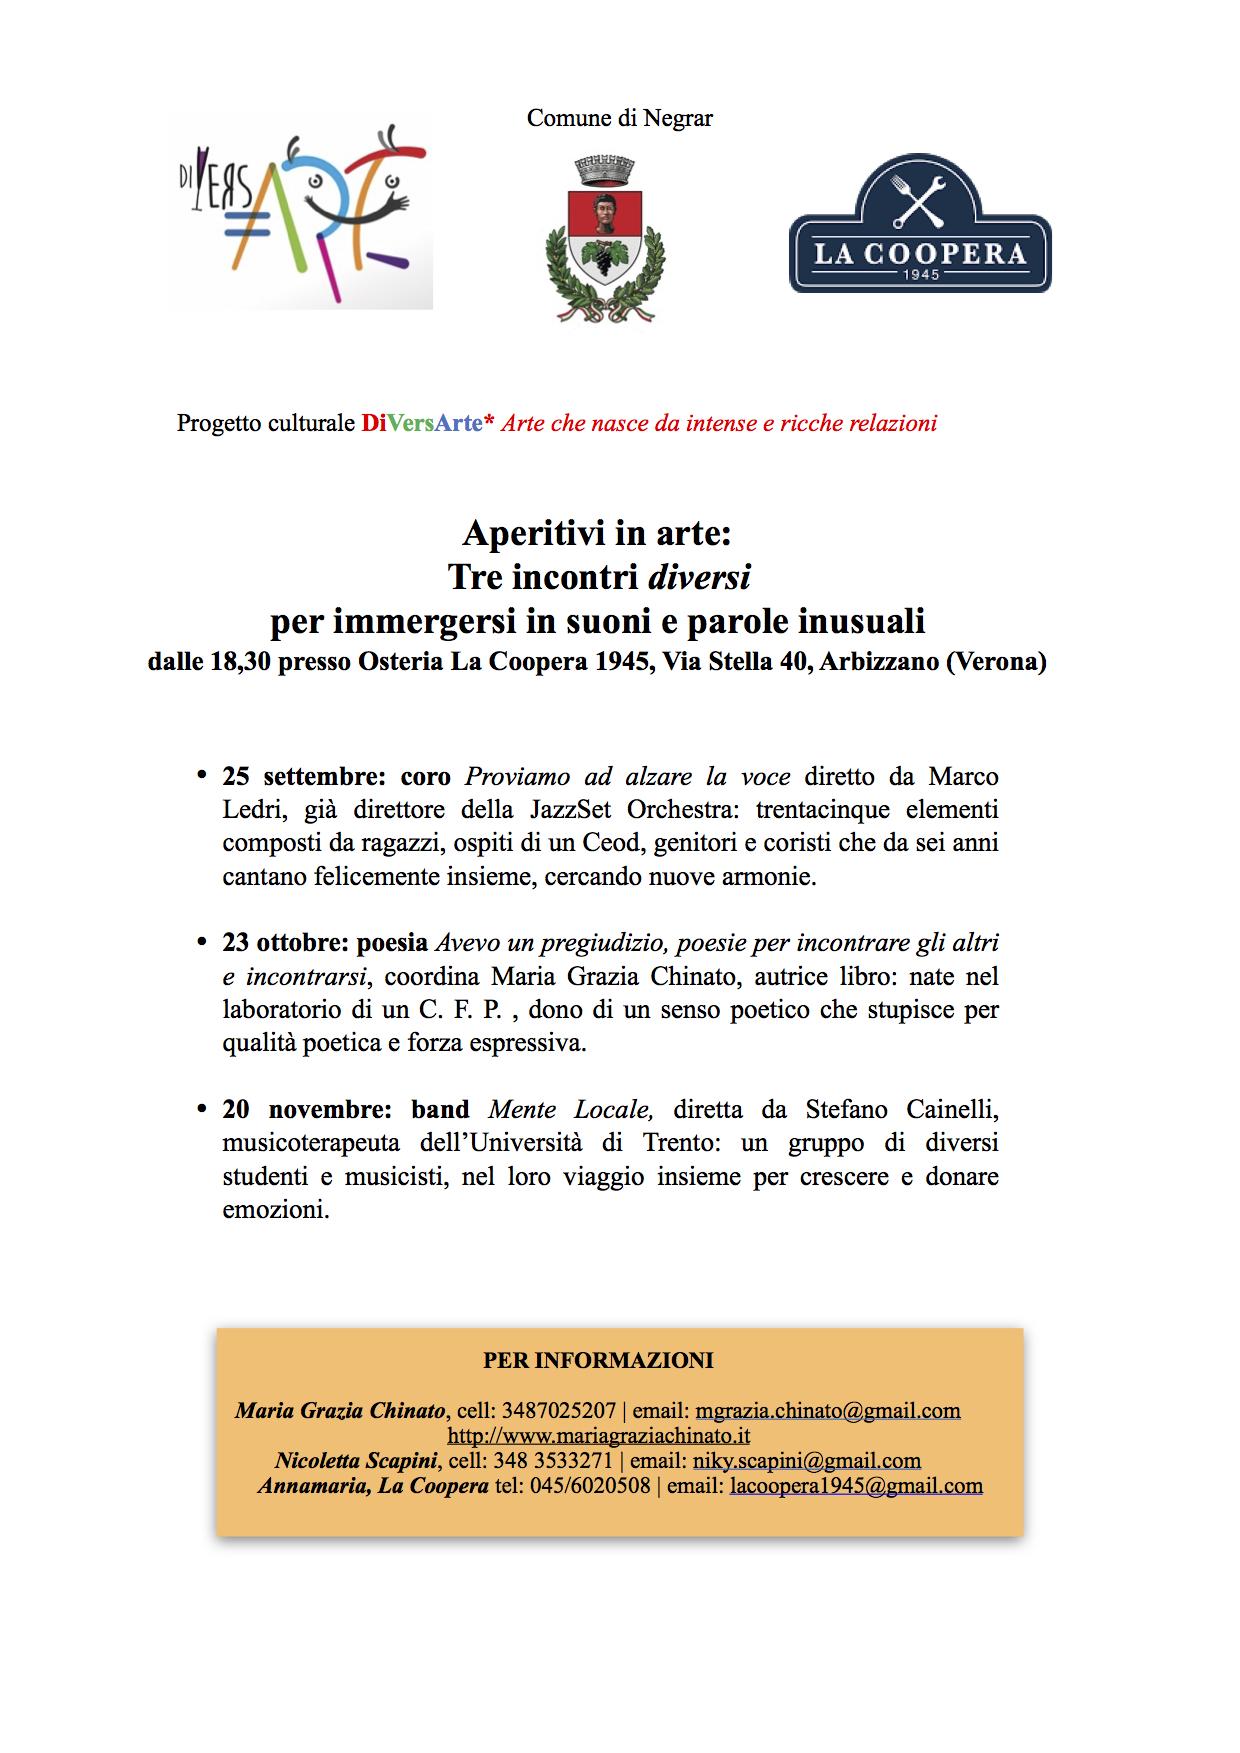 LOC-aperitiviInArteC